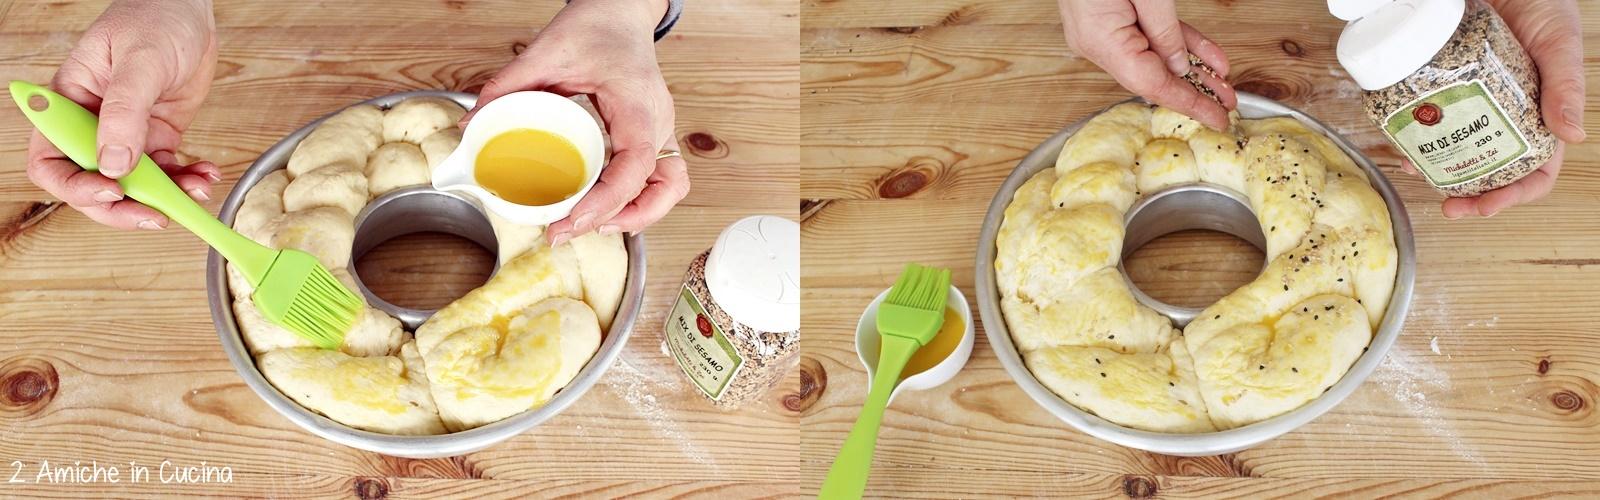 treccia di brioche alla ricotta, limone e mix di sesamo passo passo